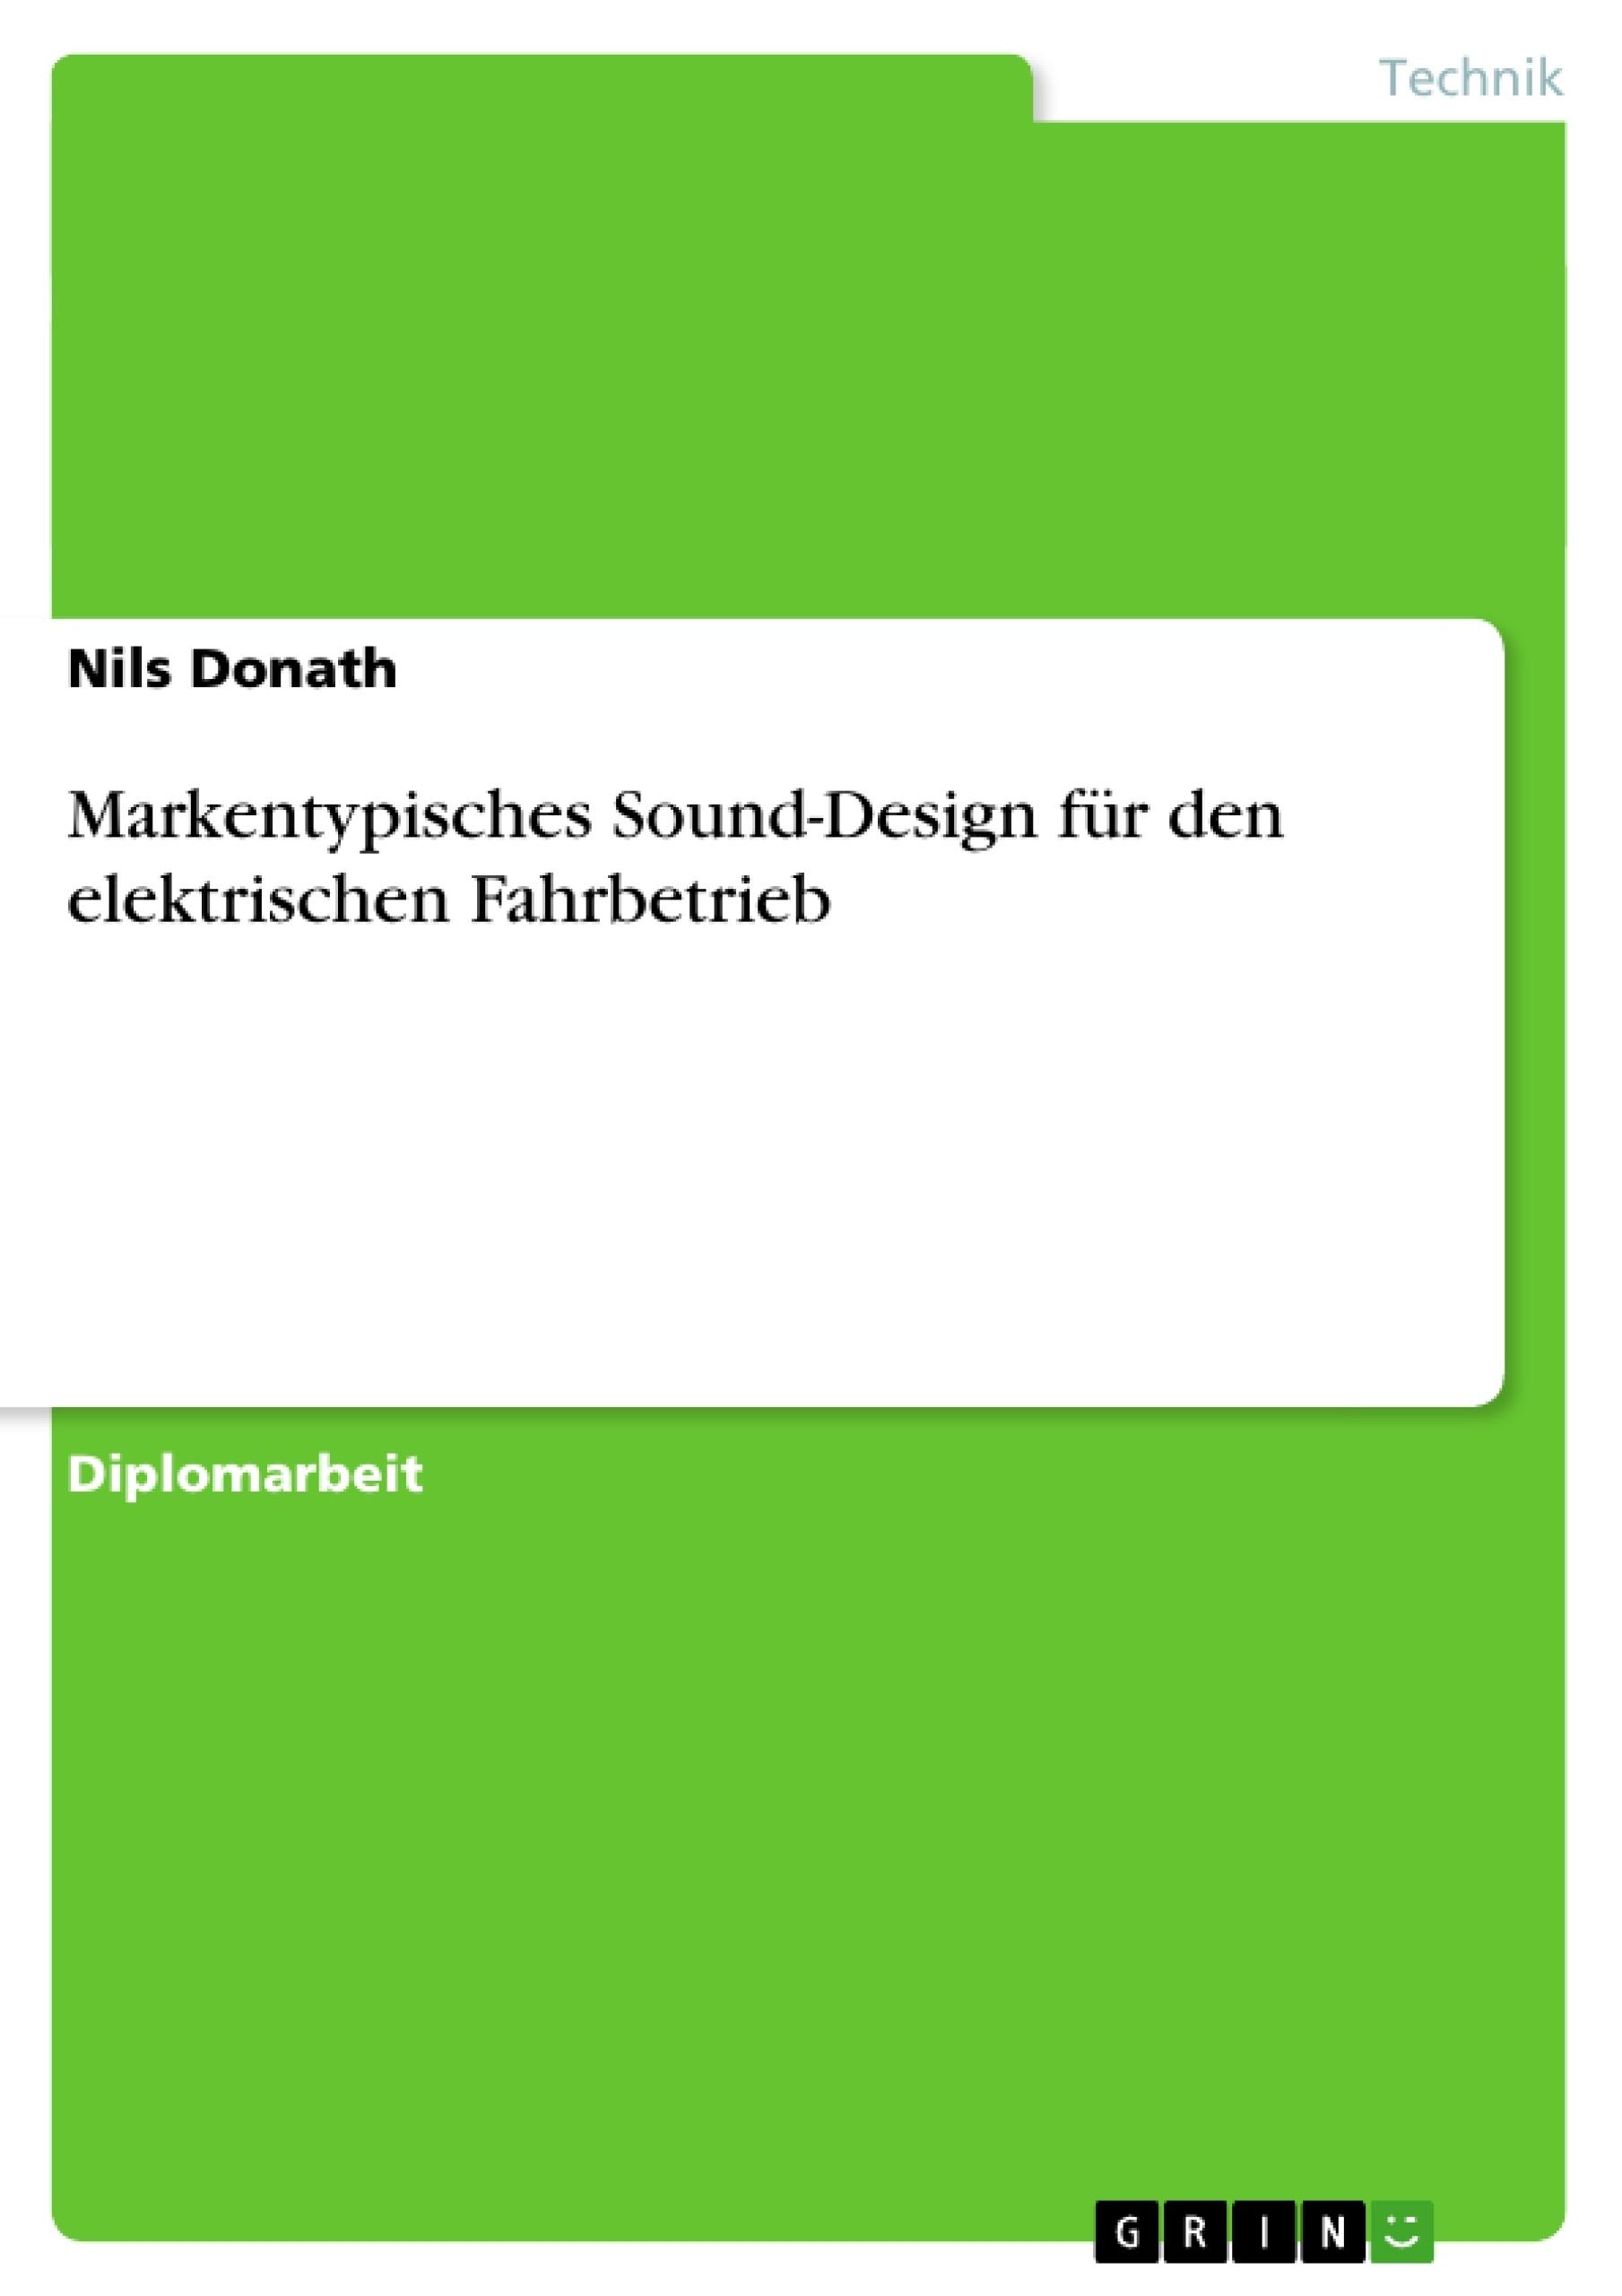 Titel: Markentypisches Sound-Design für den elektrischen Fahrbetrieb